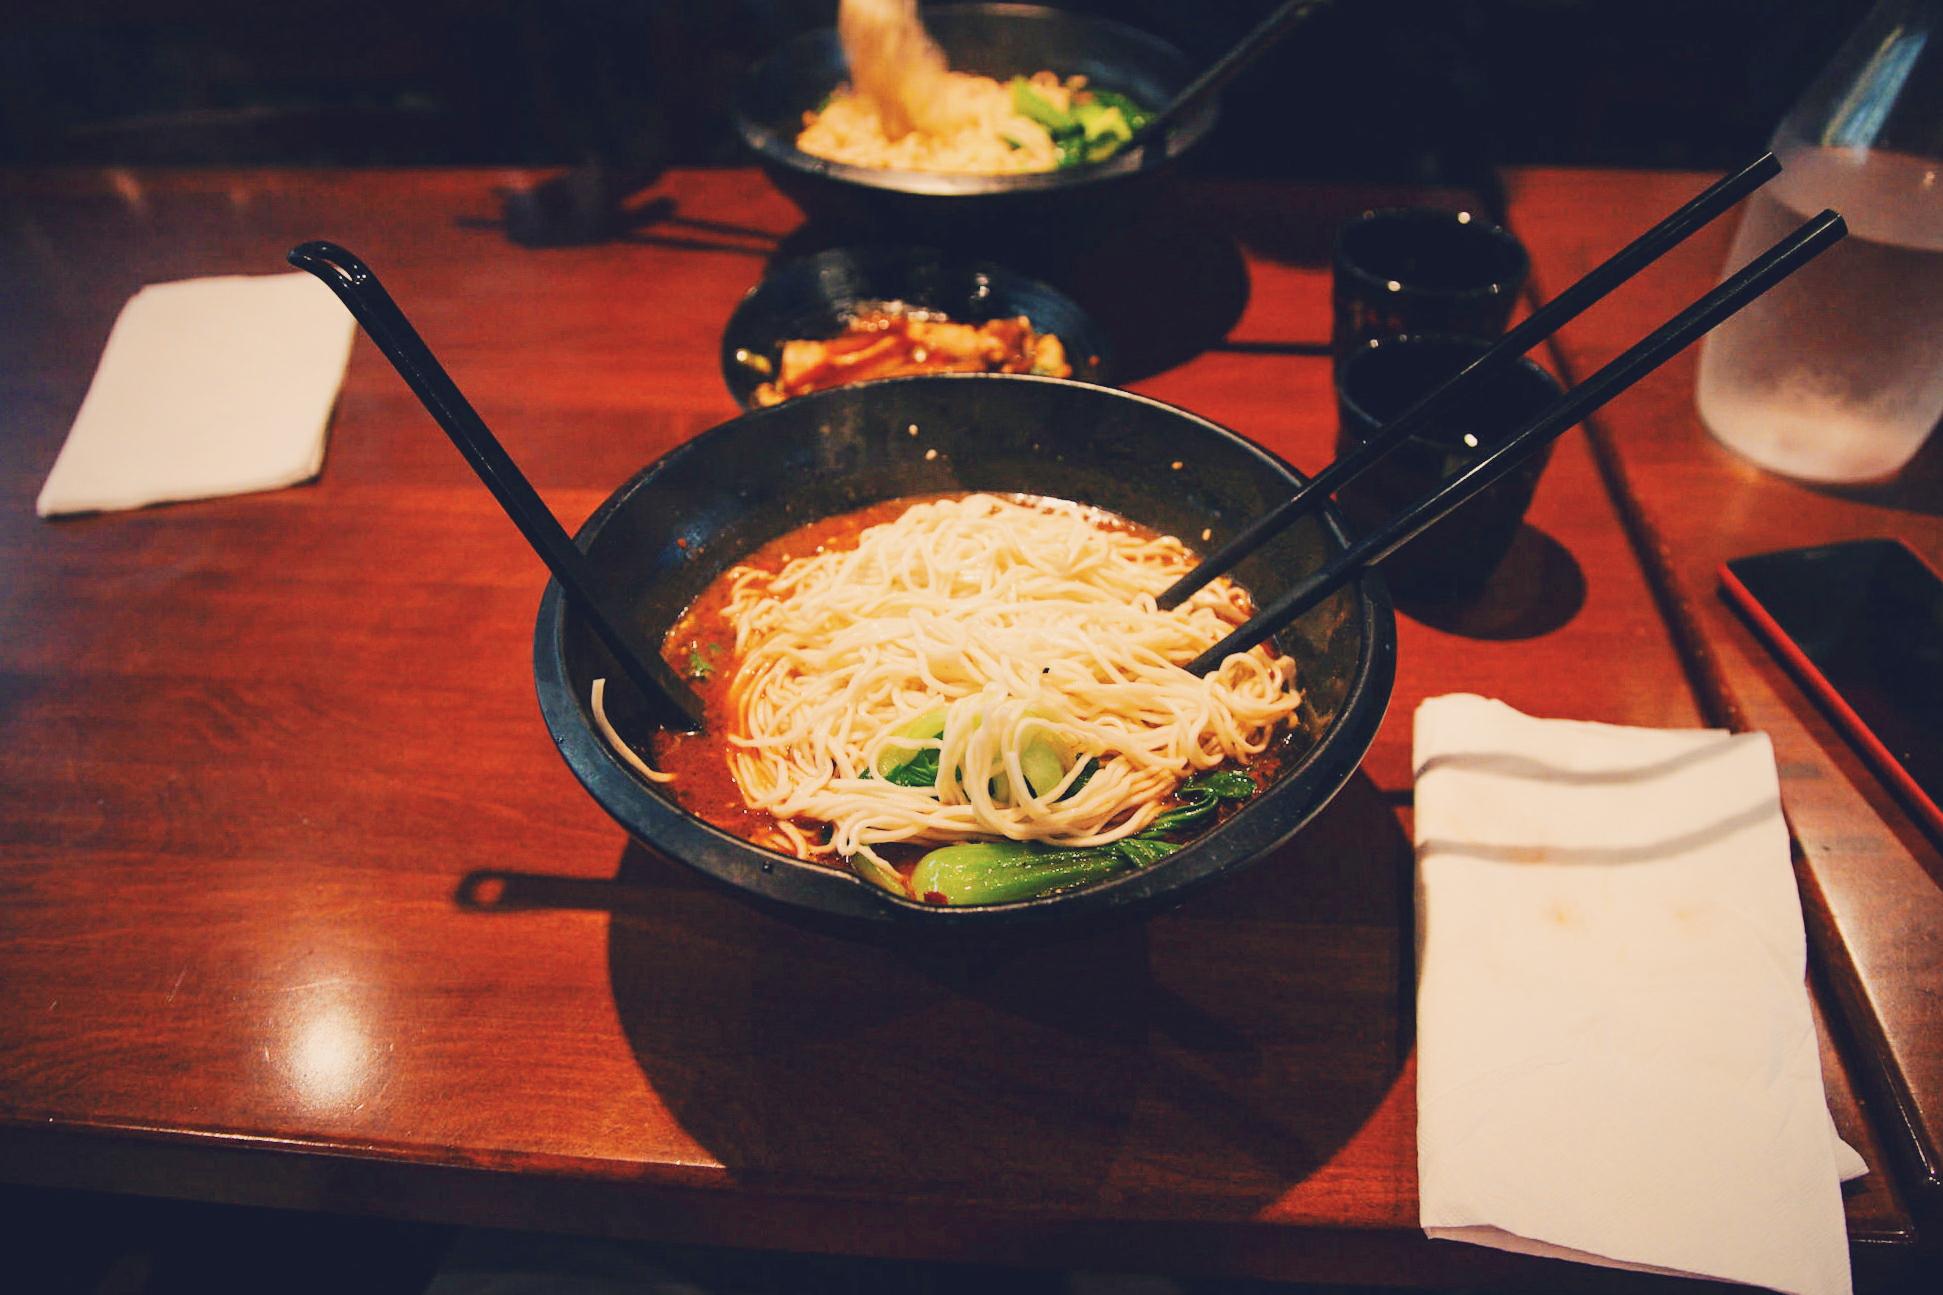 重庆小面 (Chongqing Style Spicy Noodles)